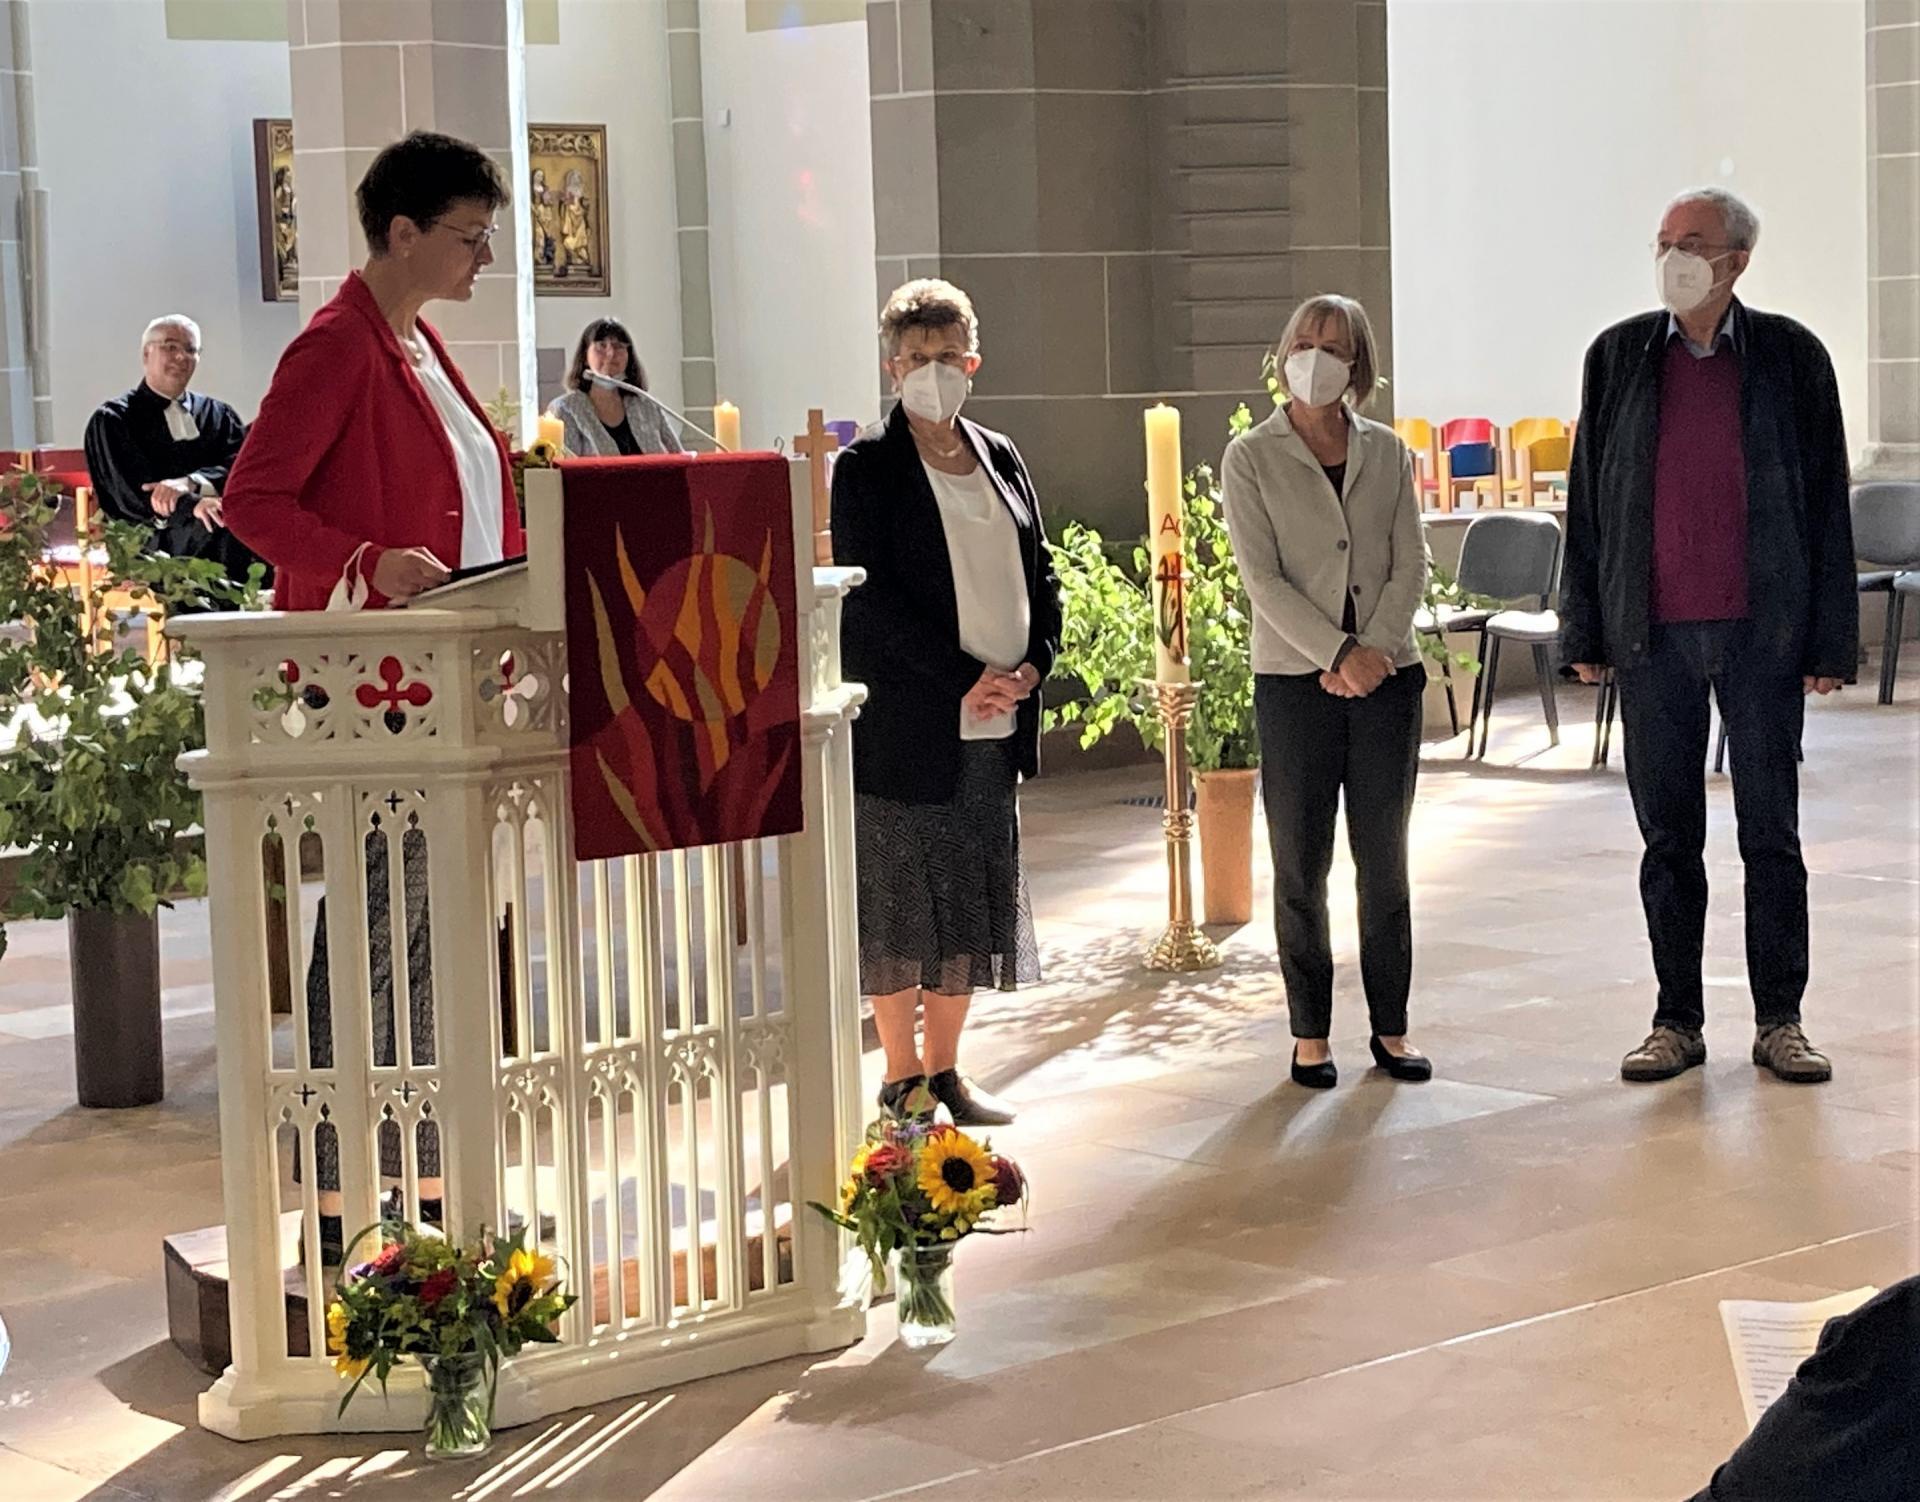 Dank von Birgit Möller-Kühn an den Förderverein mit Hannelore Otte, Meike Menkens und Rudolf Grote